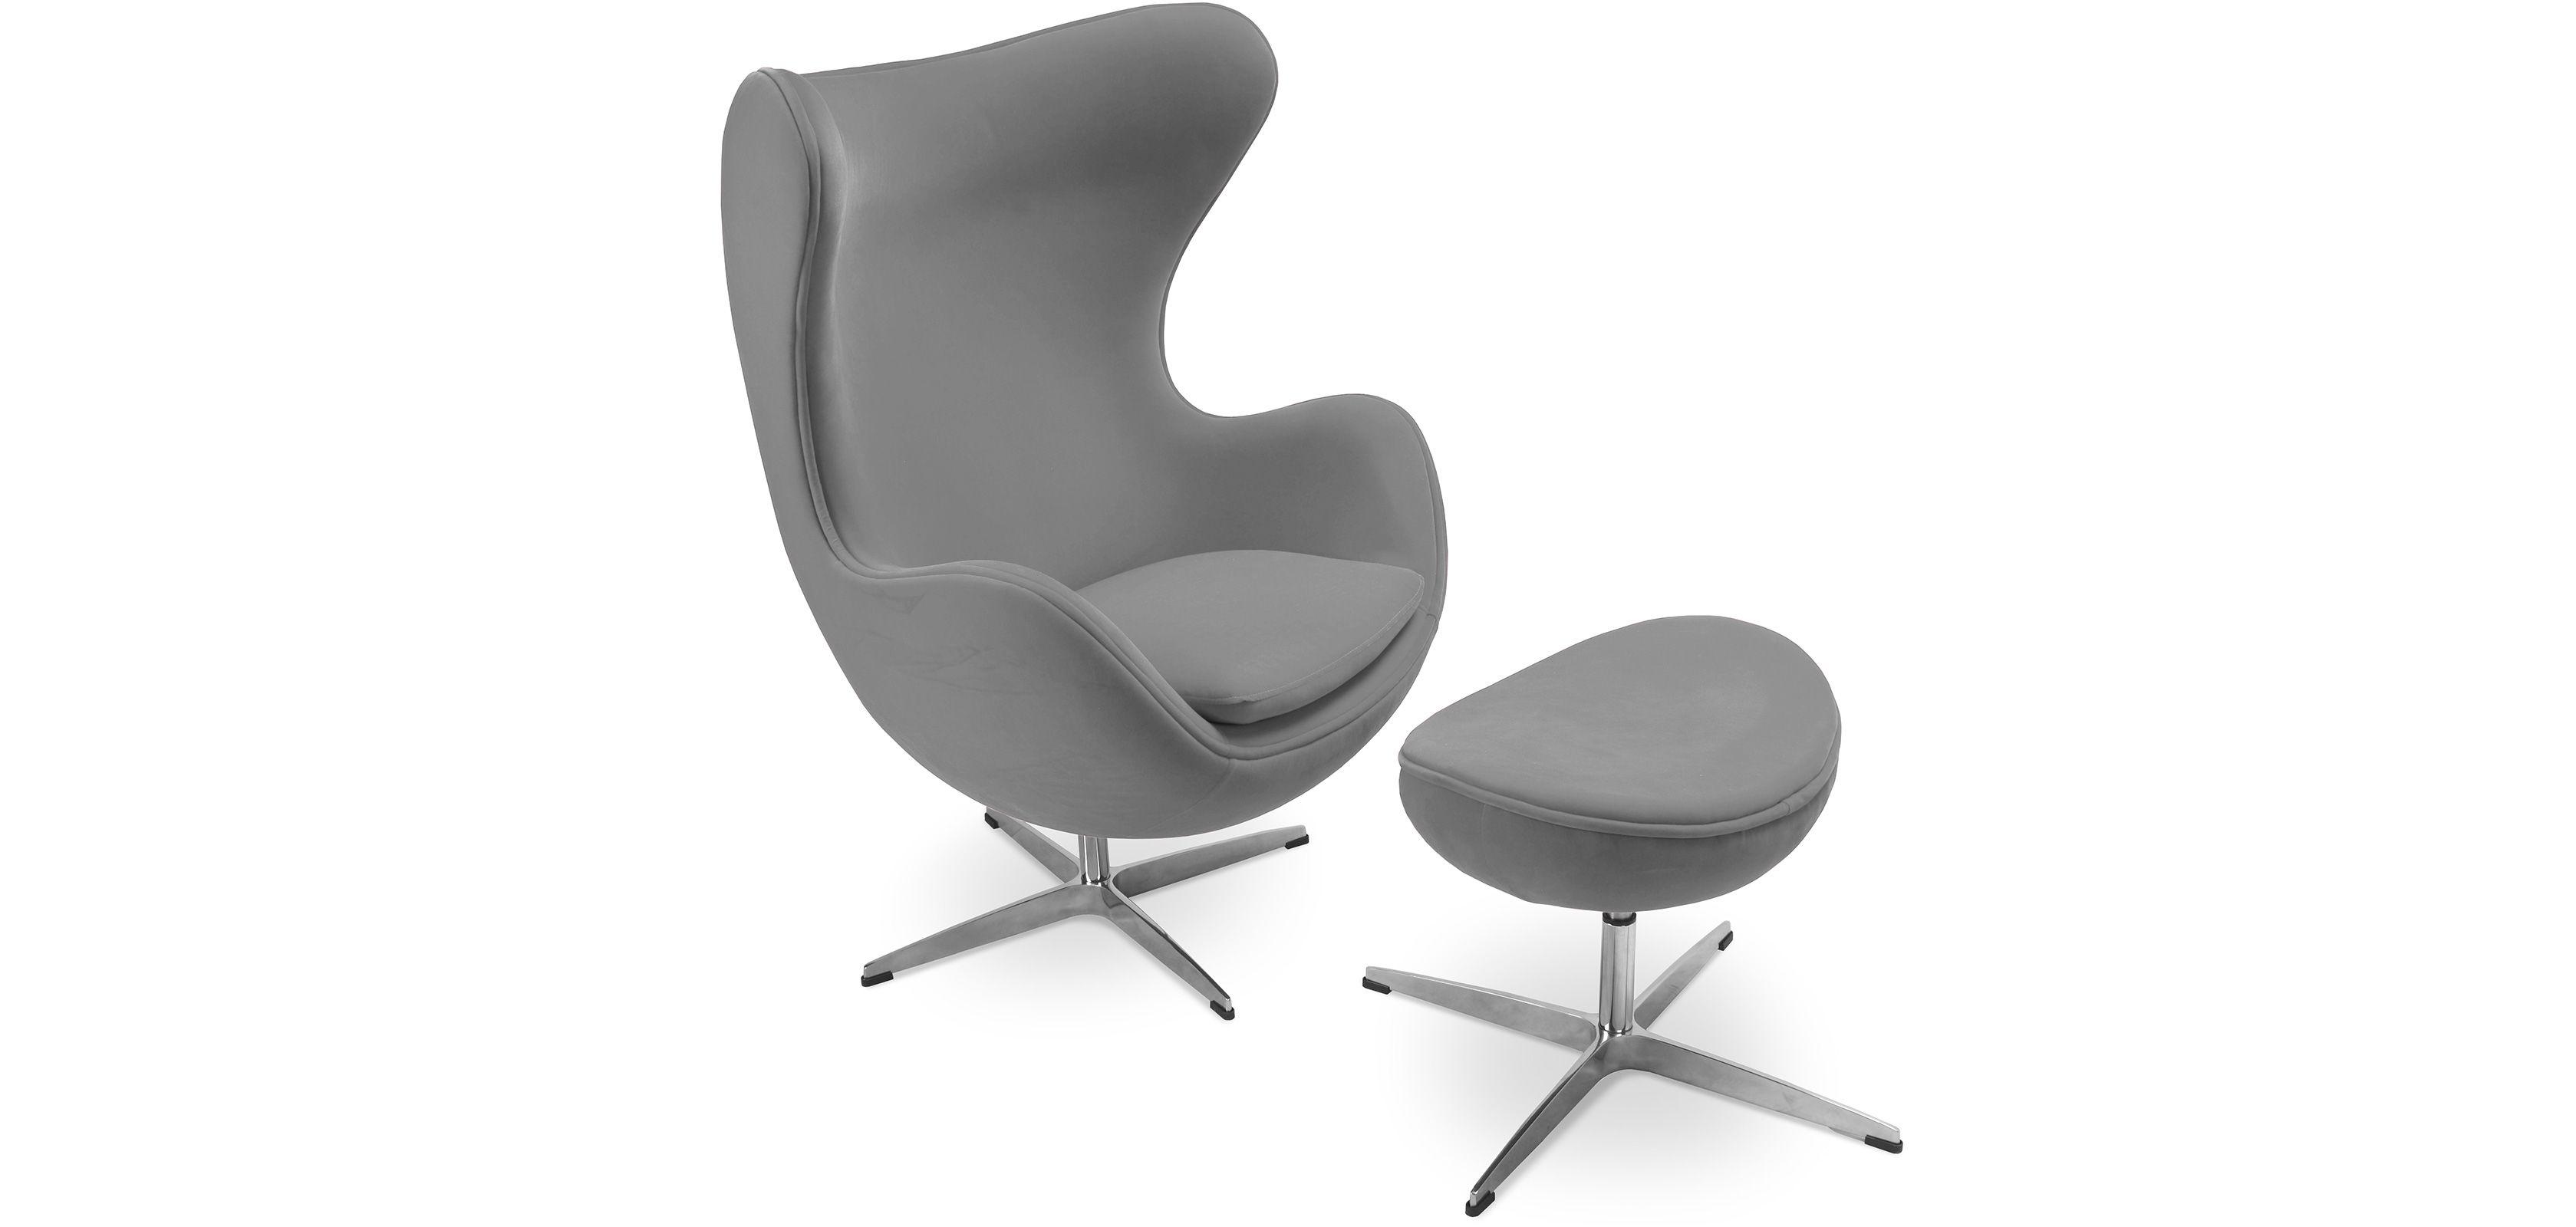 Egg Chair mit Hocker Arne Jacobsen Stoff Egg sessel